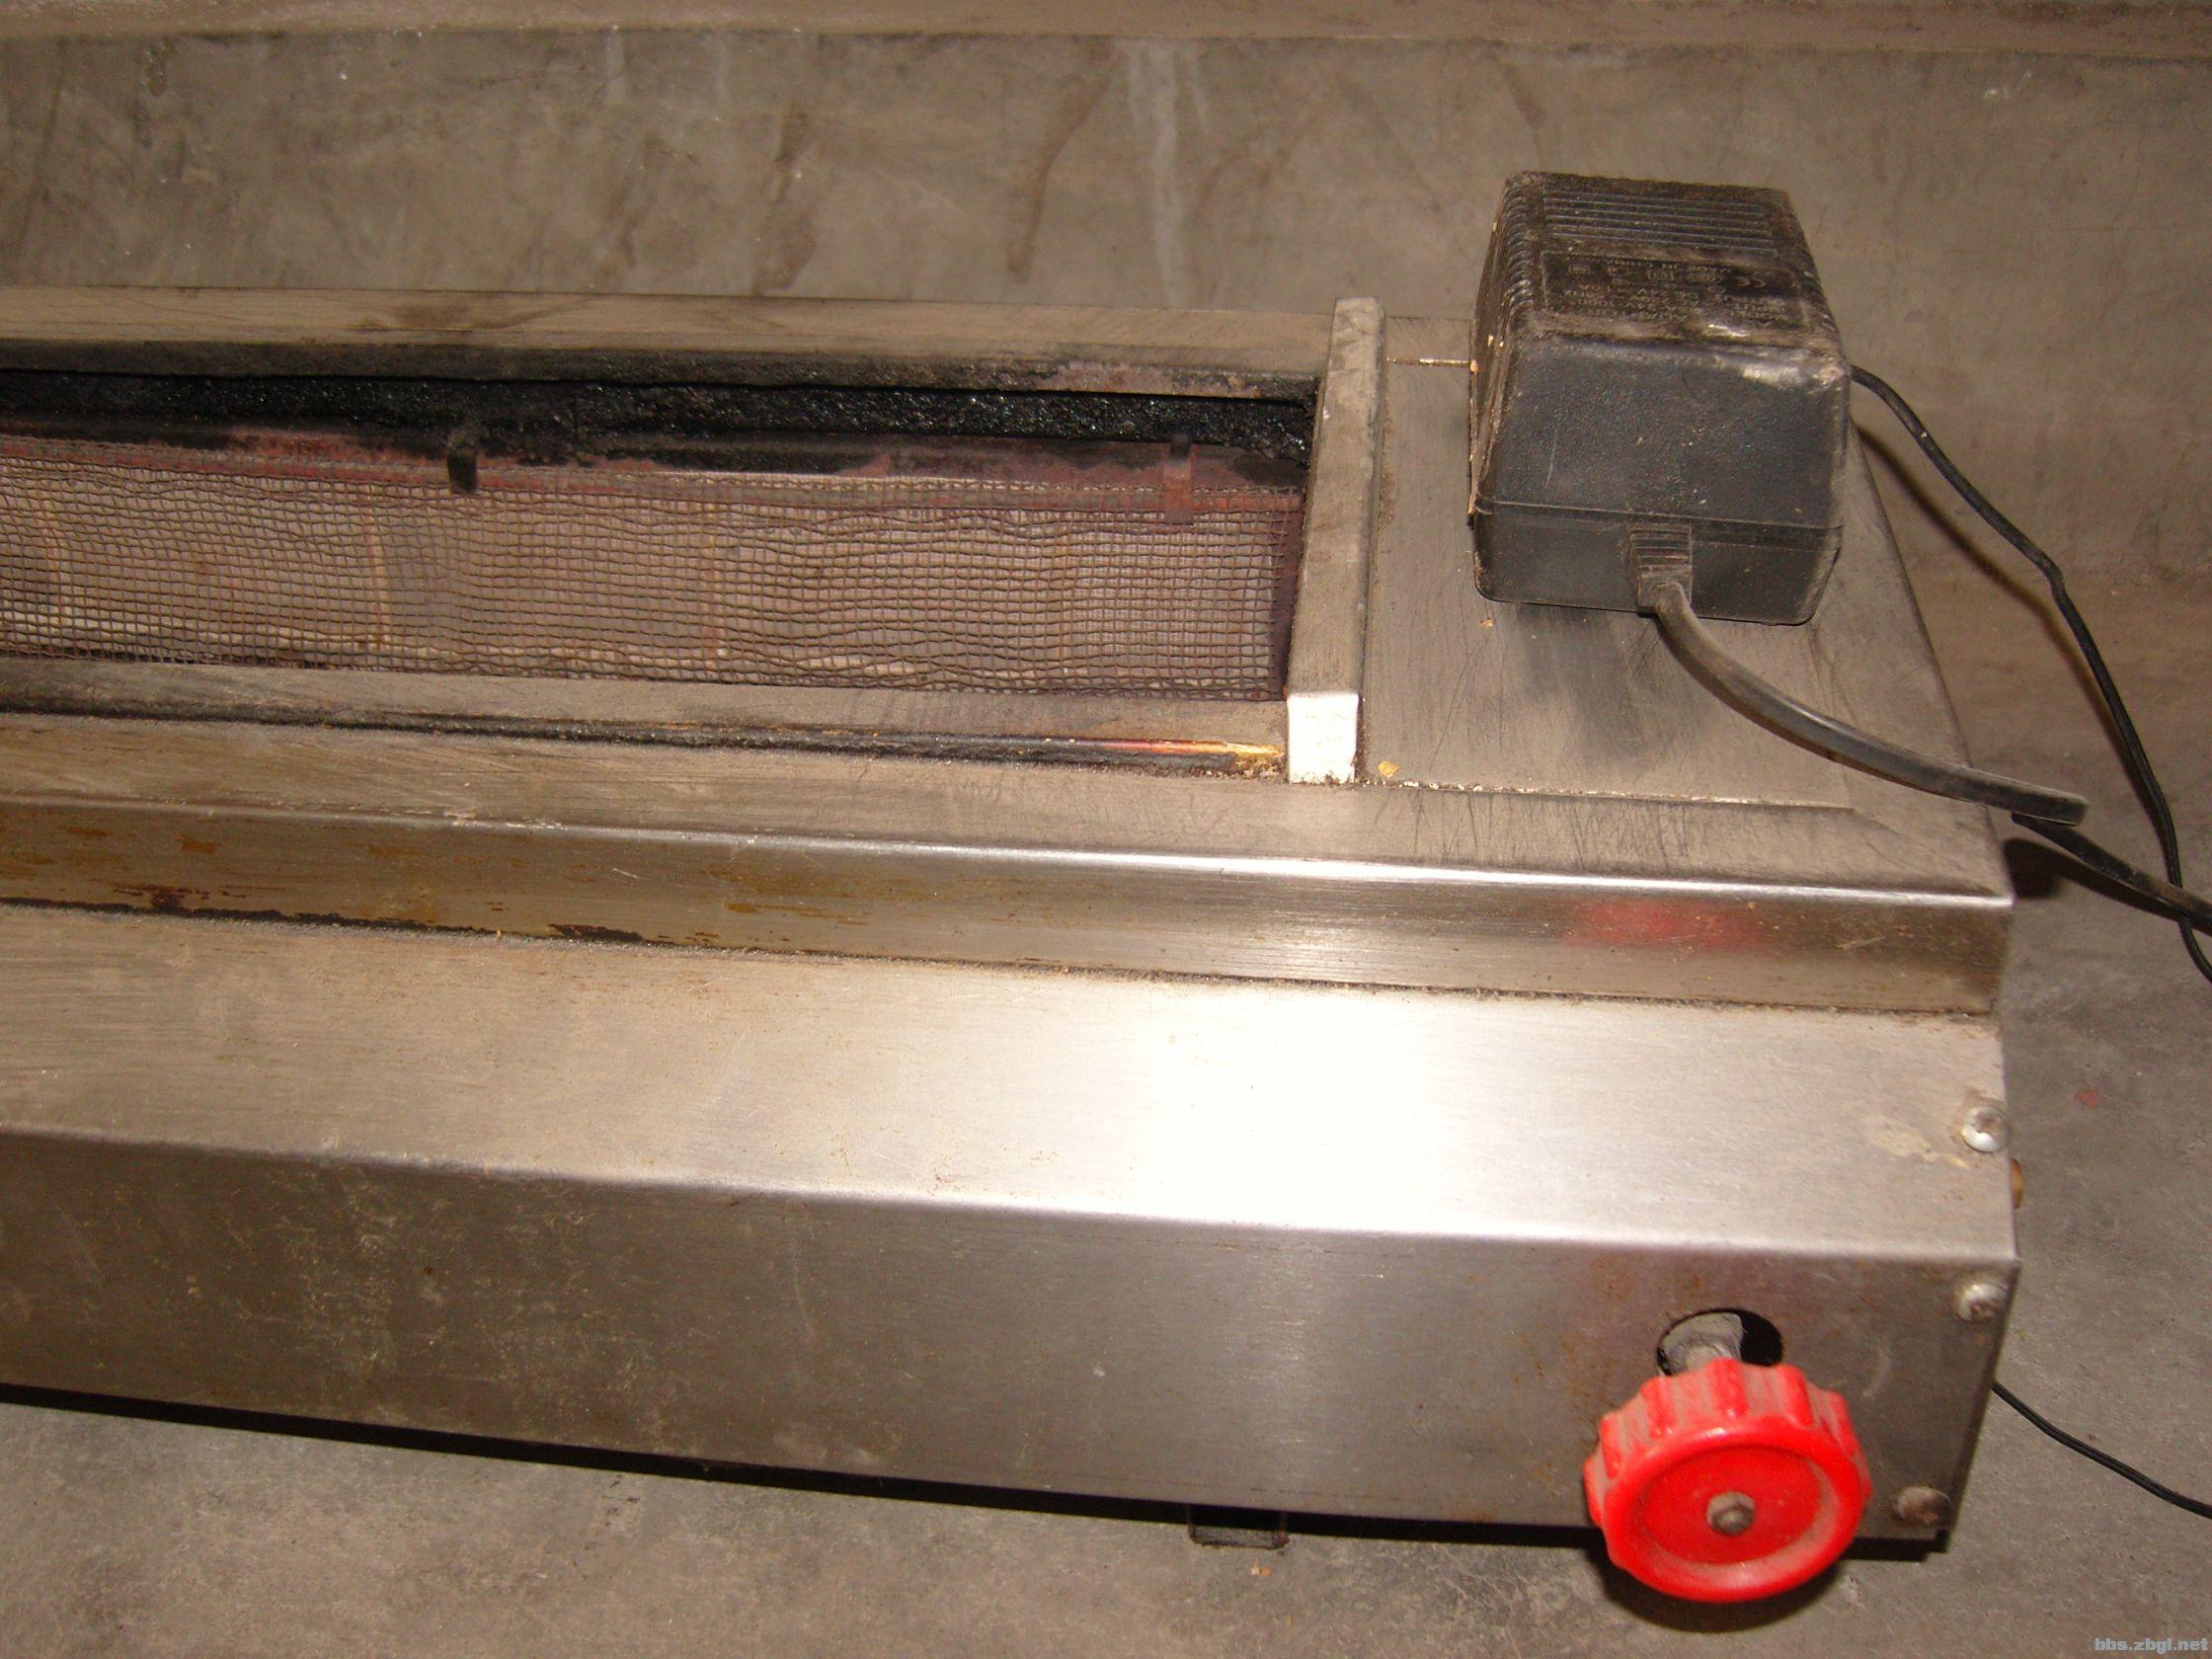 钢圈烧烤炉子设计图展示